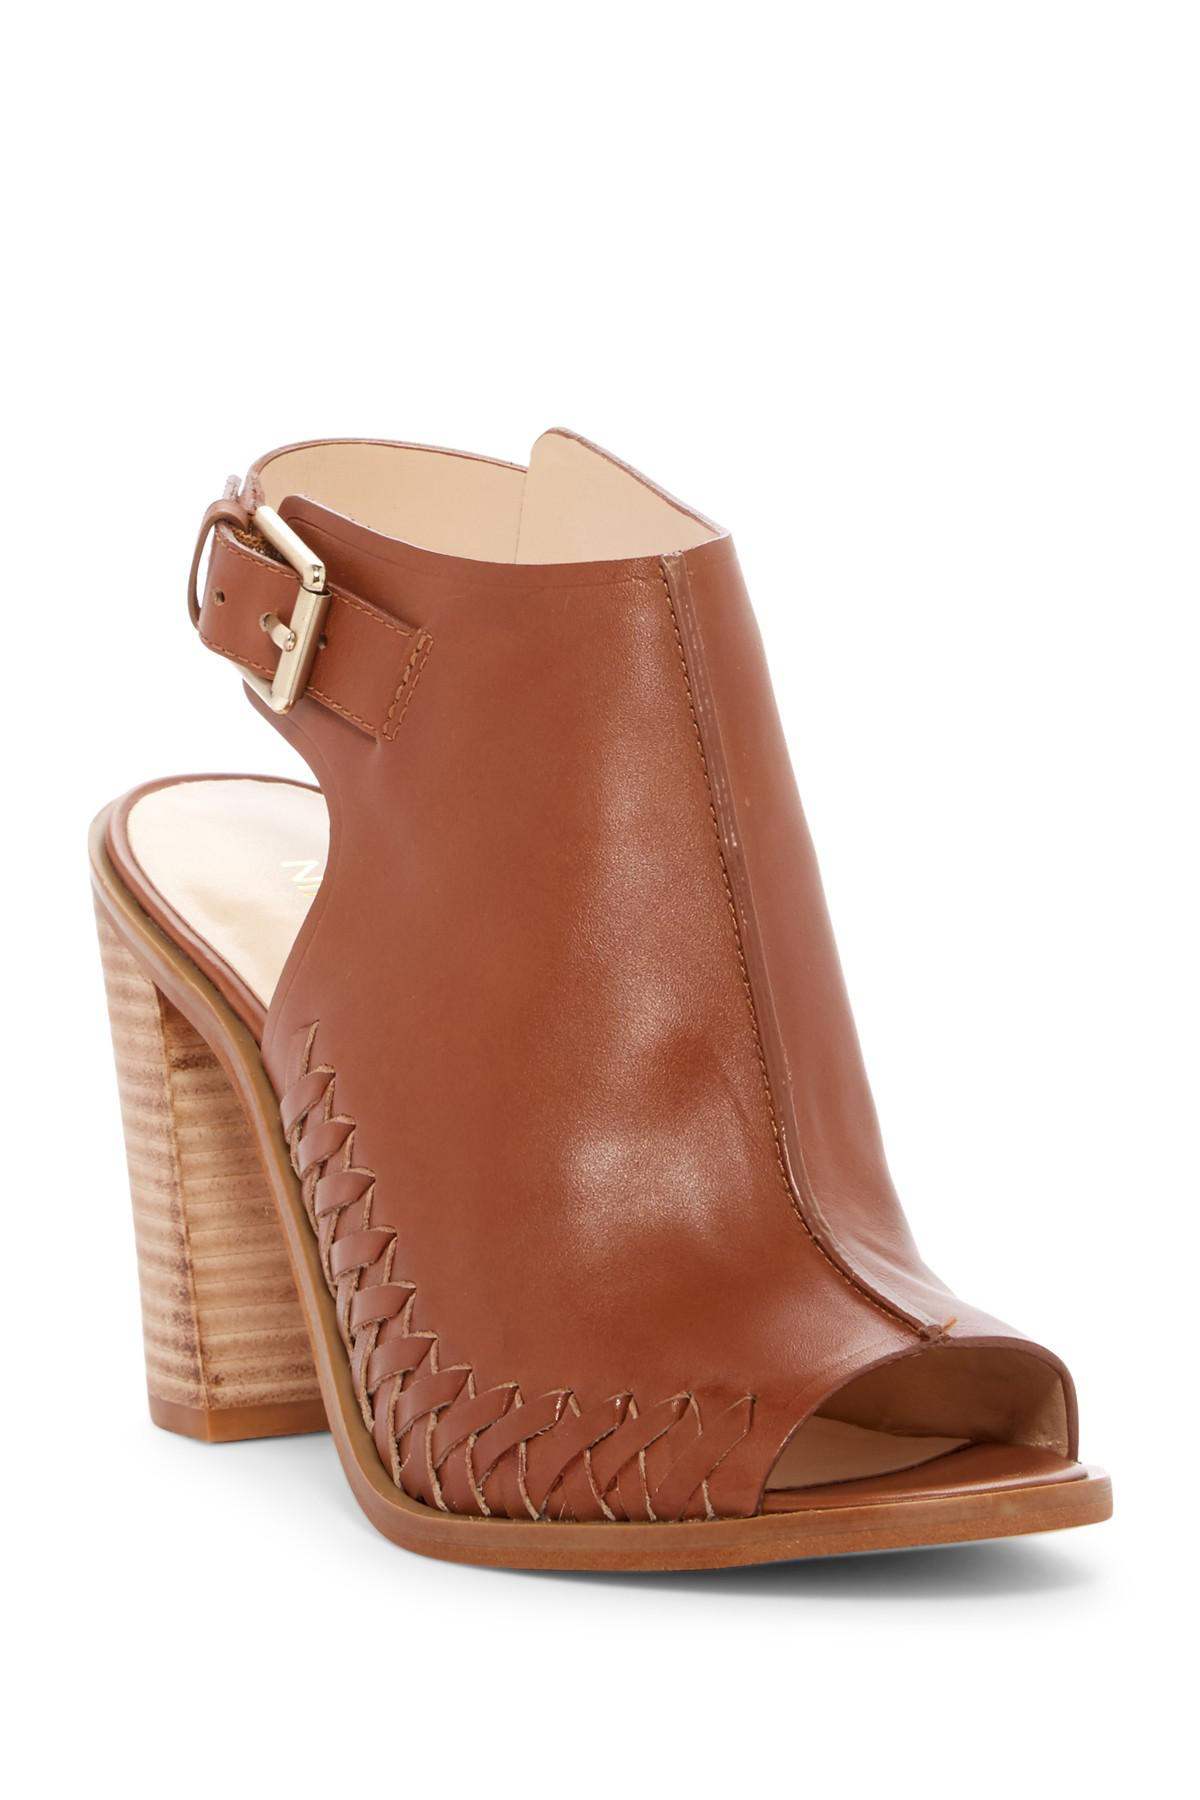 Nine West Palaura Block Heel Sandal In Brown Lyst